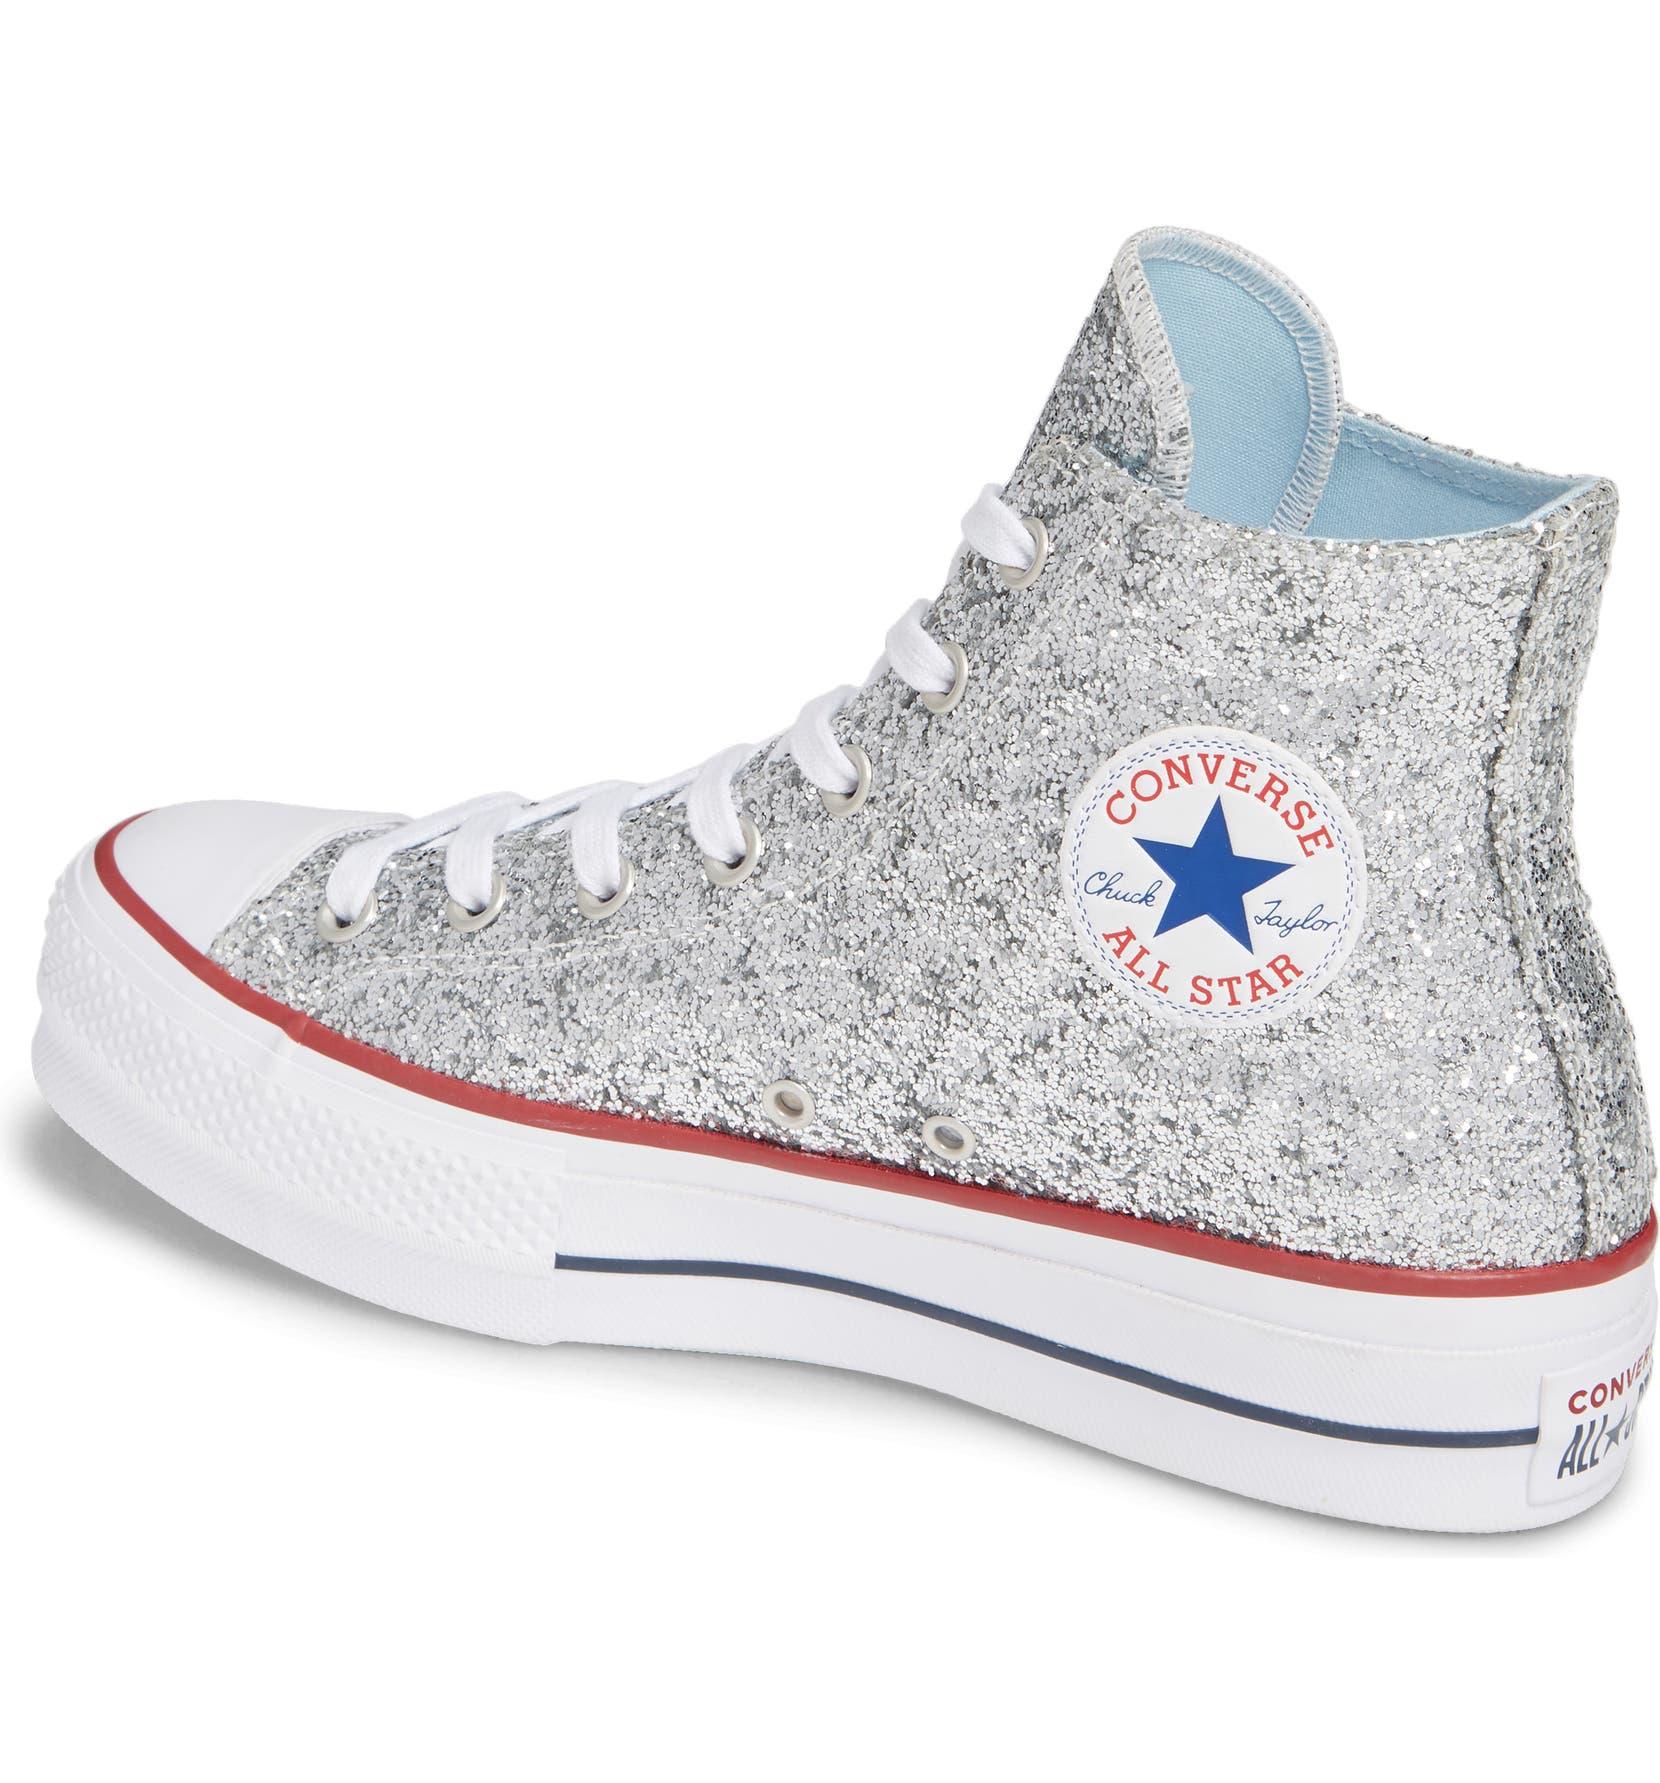 cef900e75f41 Converse x Chiara Ferragni 70 Hi One Star Glitter Platform Sneaker (Women)